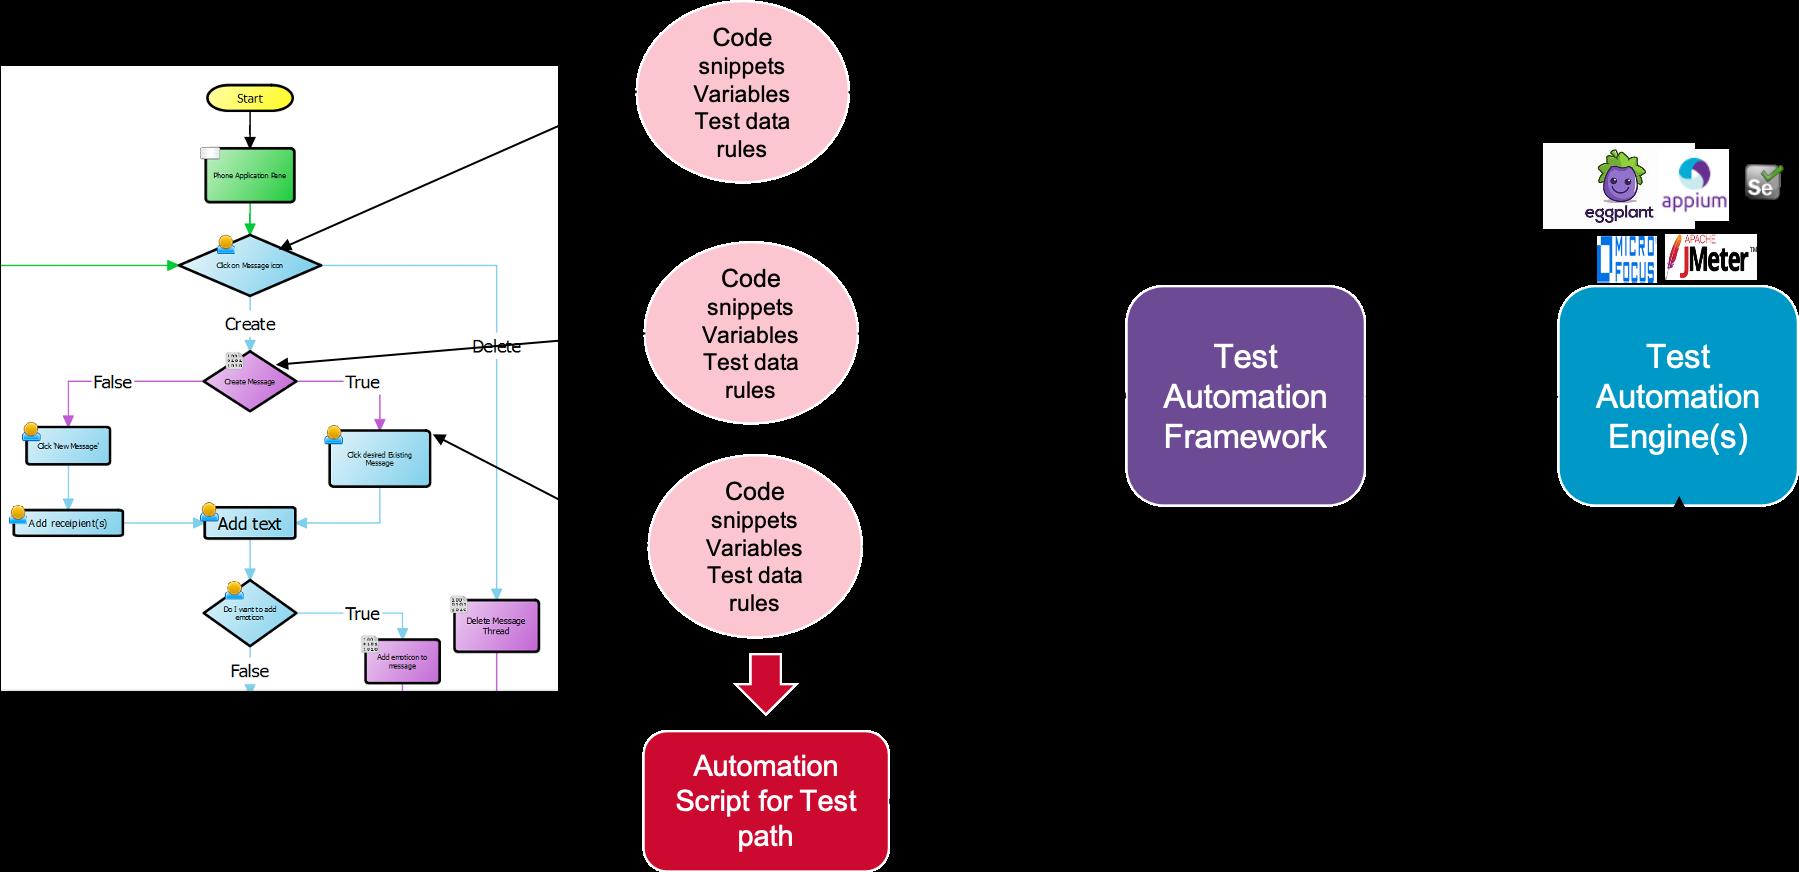 ESD_FY2021_Academy-Blog.Enabling-In-Sprint-Testing.Figure_09